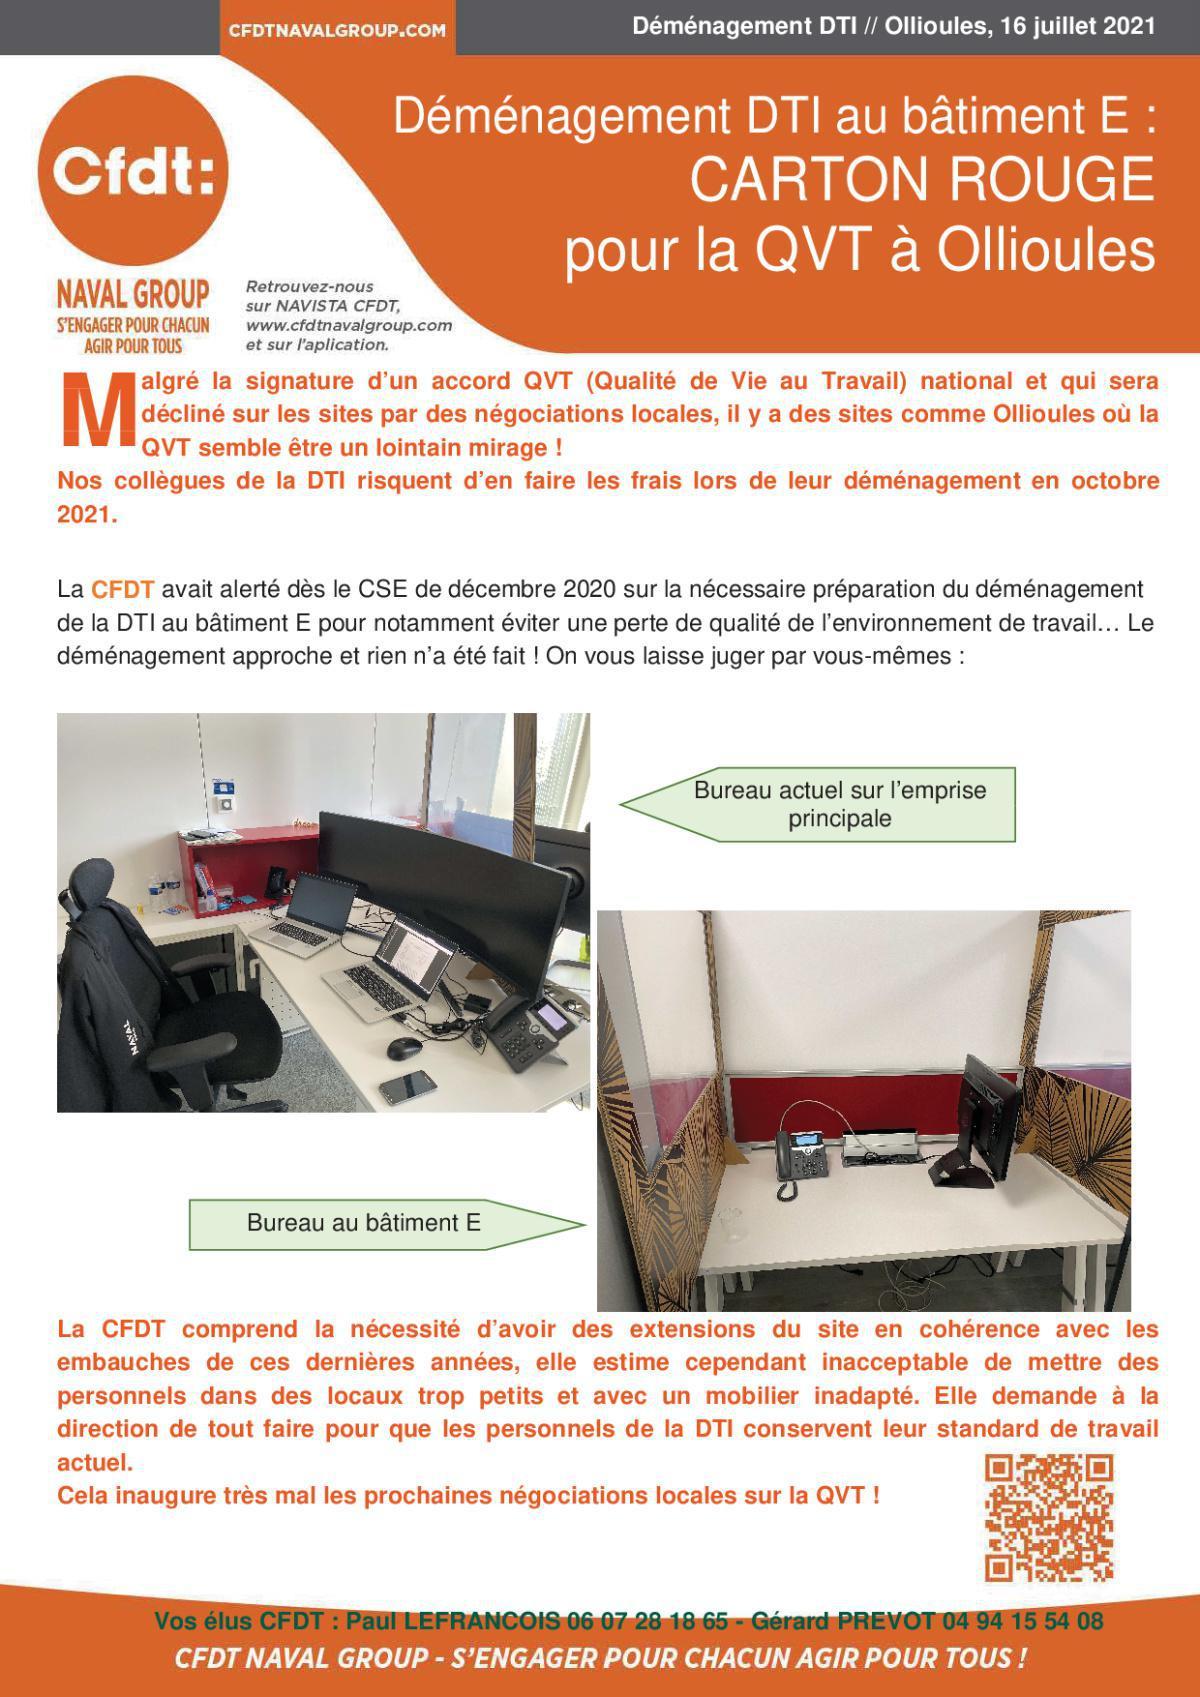 Déménagement DTI au bâtiment E - CARTON ROUGE pour la QVT à Ollioules